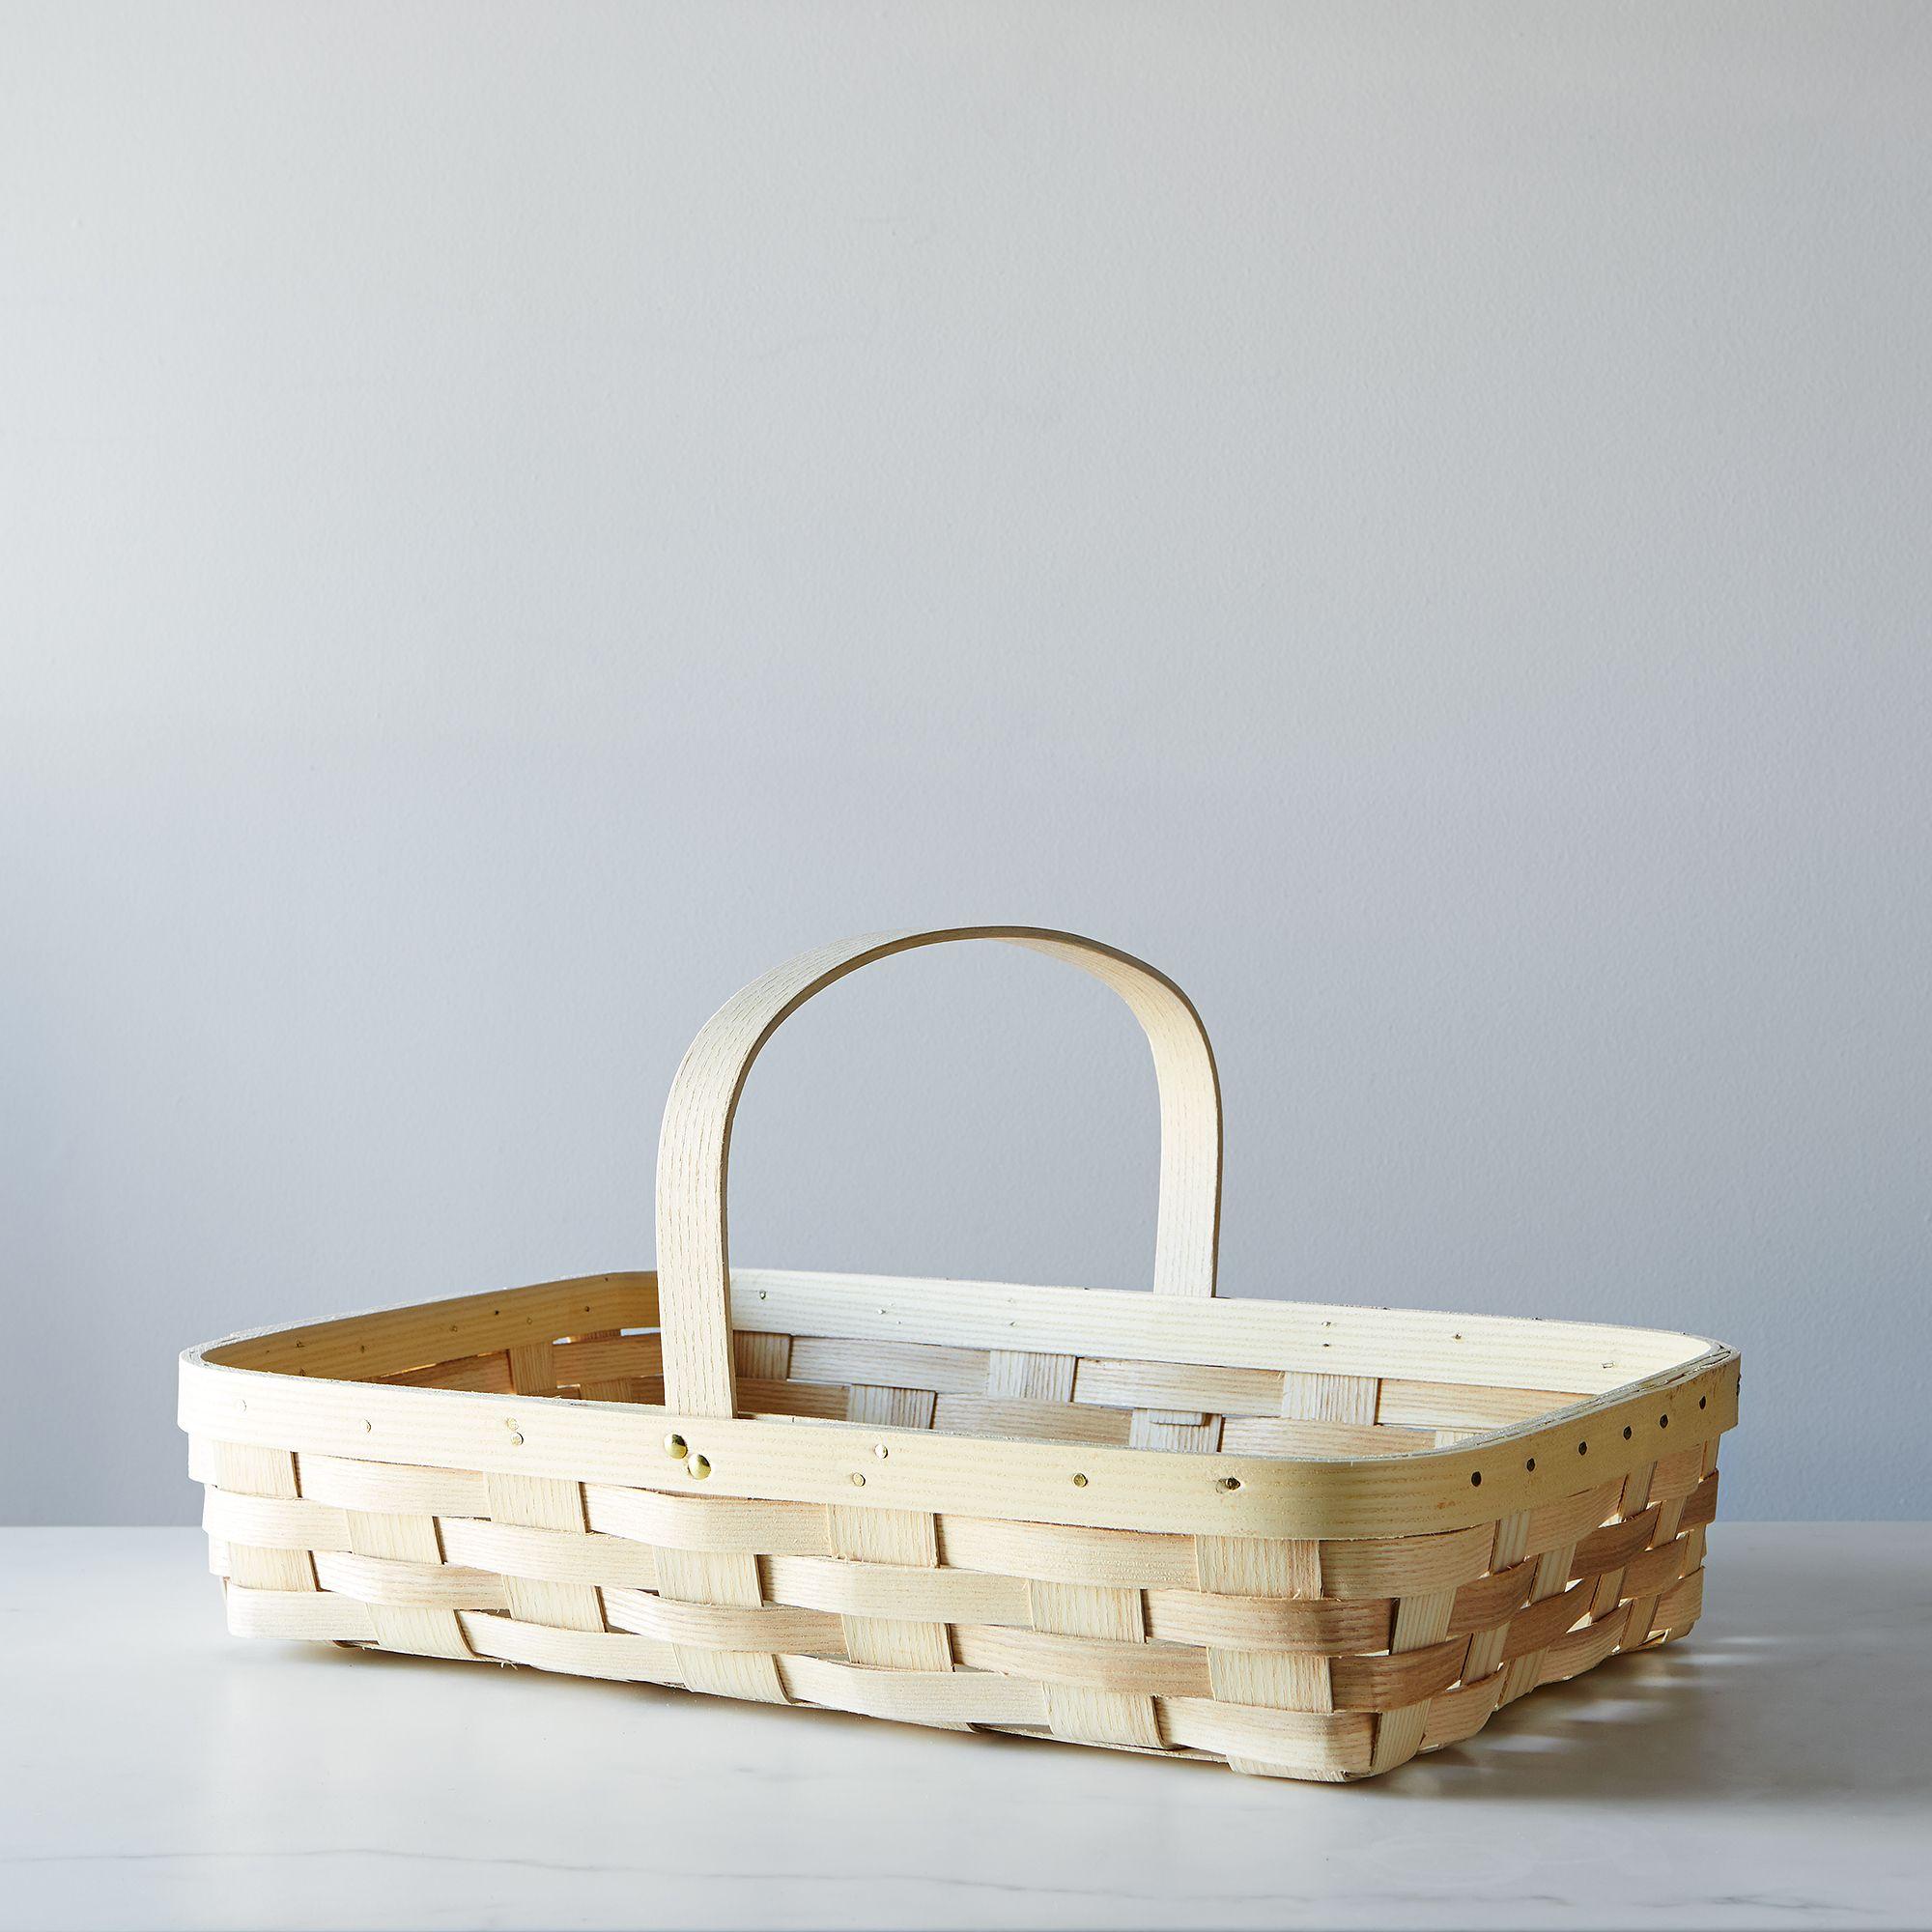 Ec41b1af 3125 4e71 8542 f41085ad07af  peterboro basket company gardening caddy provisions mark weinberg 10 04 14 1095 silo